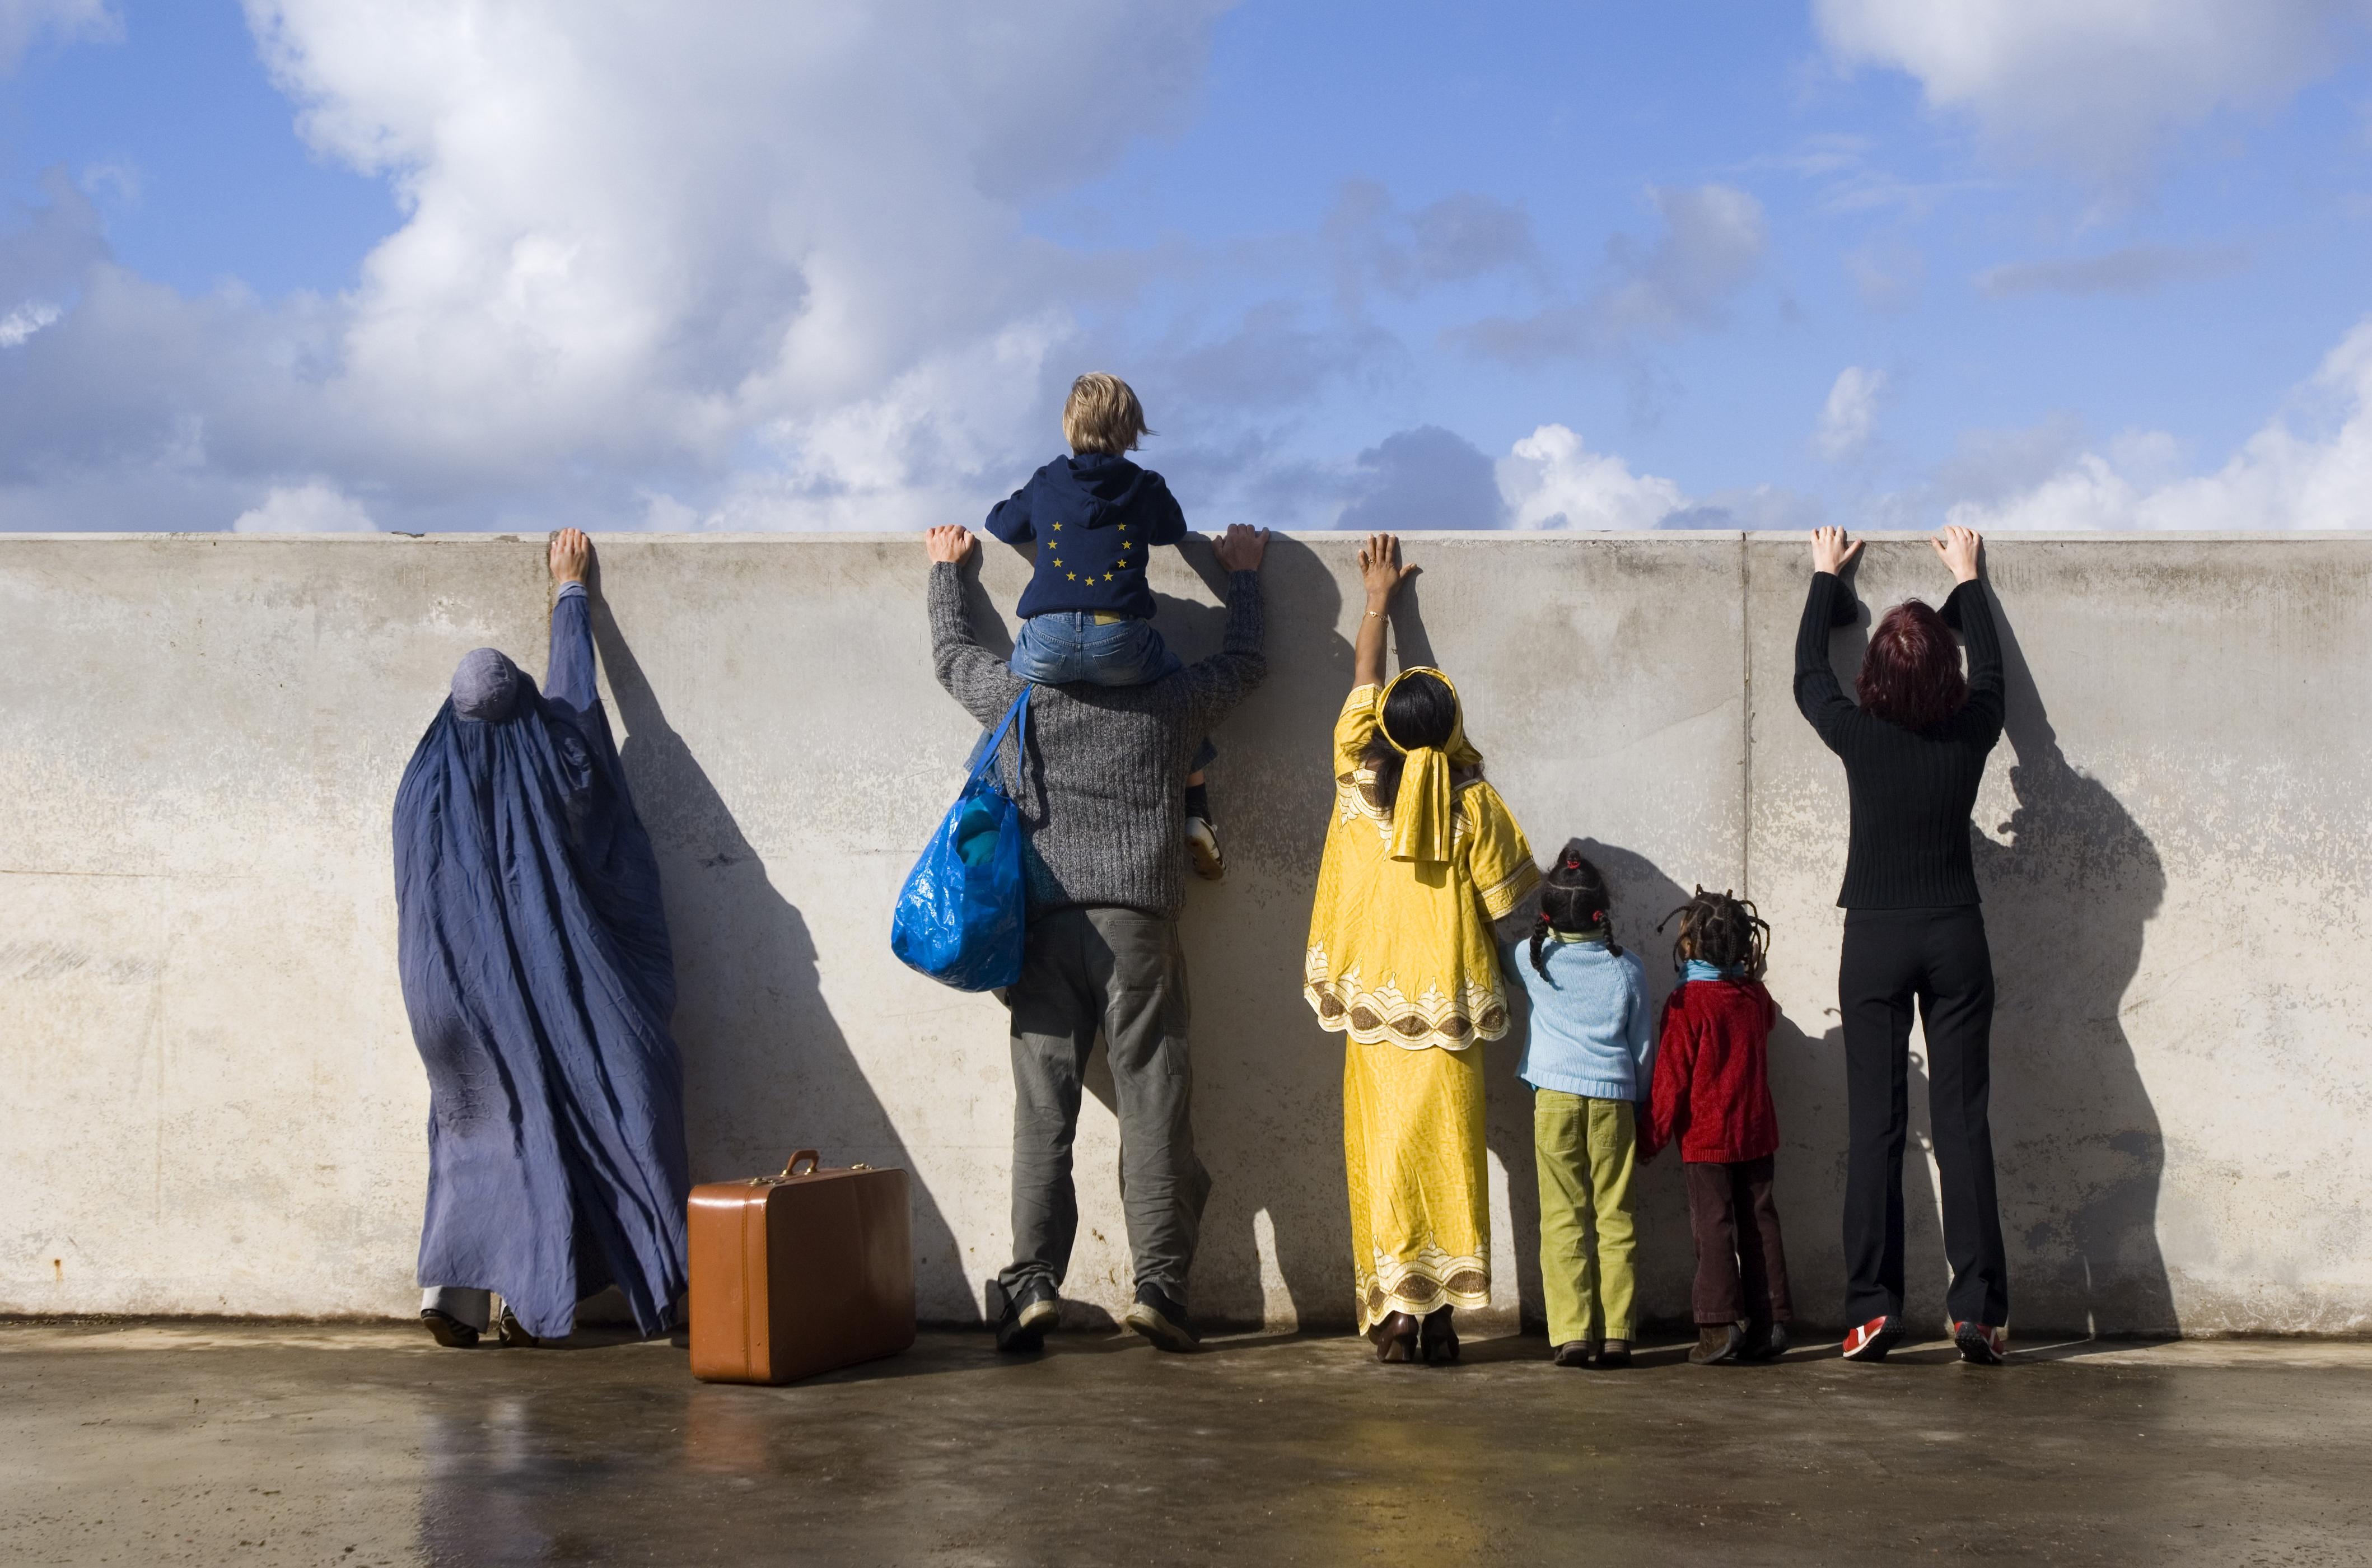 diritto d'asilo in europa come funziona?